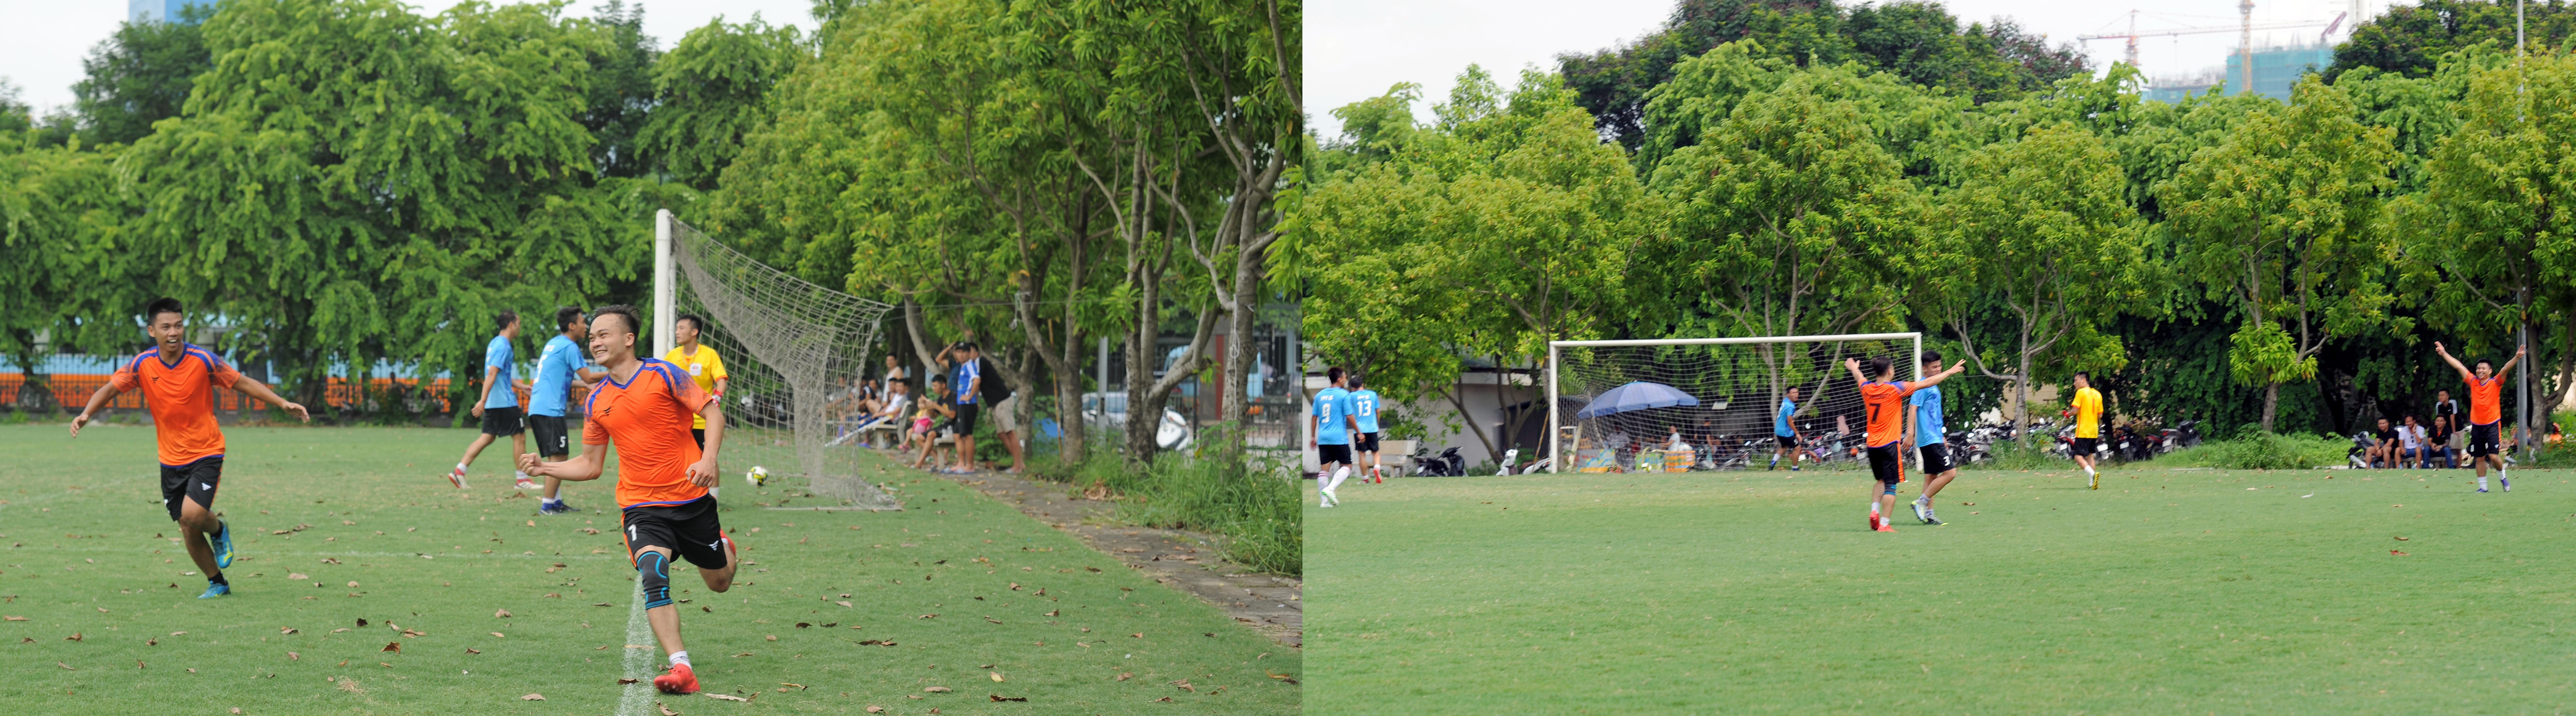 Các cầu thủ FPT Education đã tận dụng tốt sự lơ là khâu phòng ngự của đối phương, nhất là việc ra vào không hợp lý của thủ môn nên đã nhẹ nhàng ăn mừng chiến thắng với 2 bàn thắng được ghi ngay trong hiệp 1.